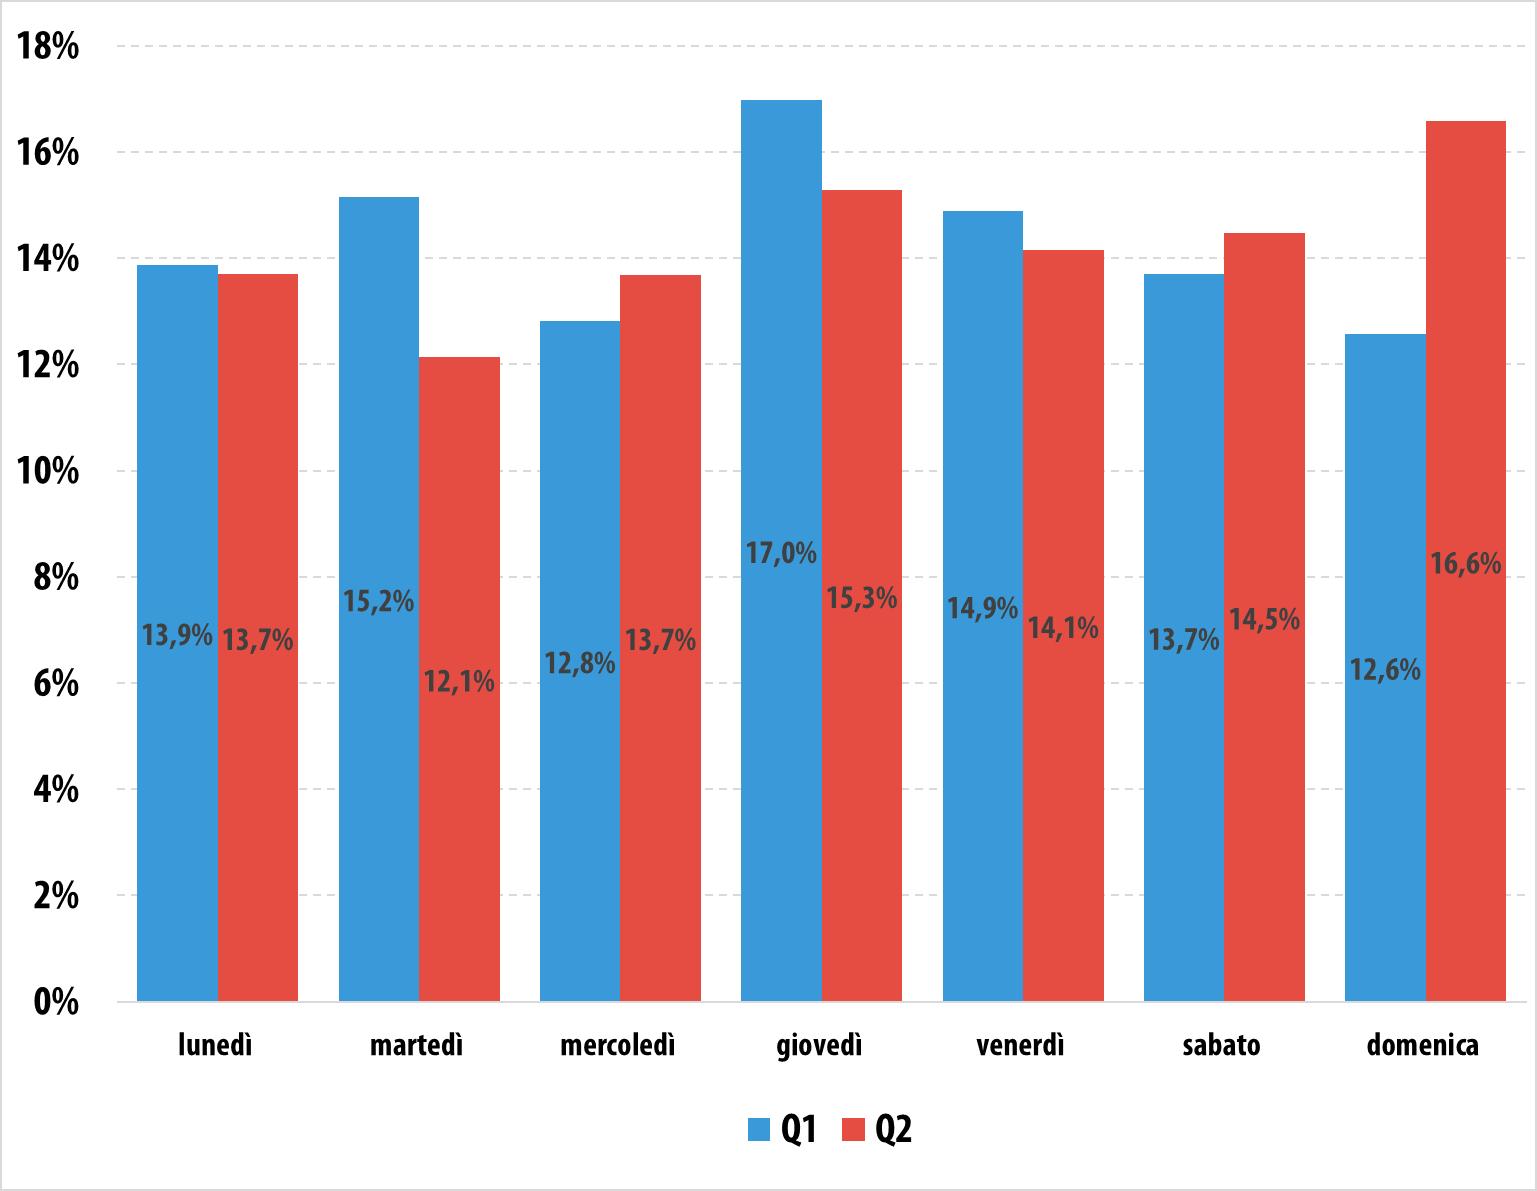 Attacchi DDoS nel secondo trimestre del 2015